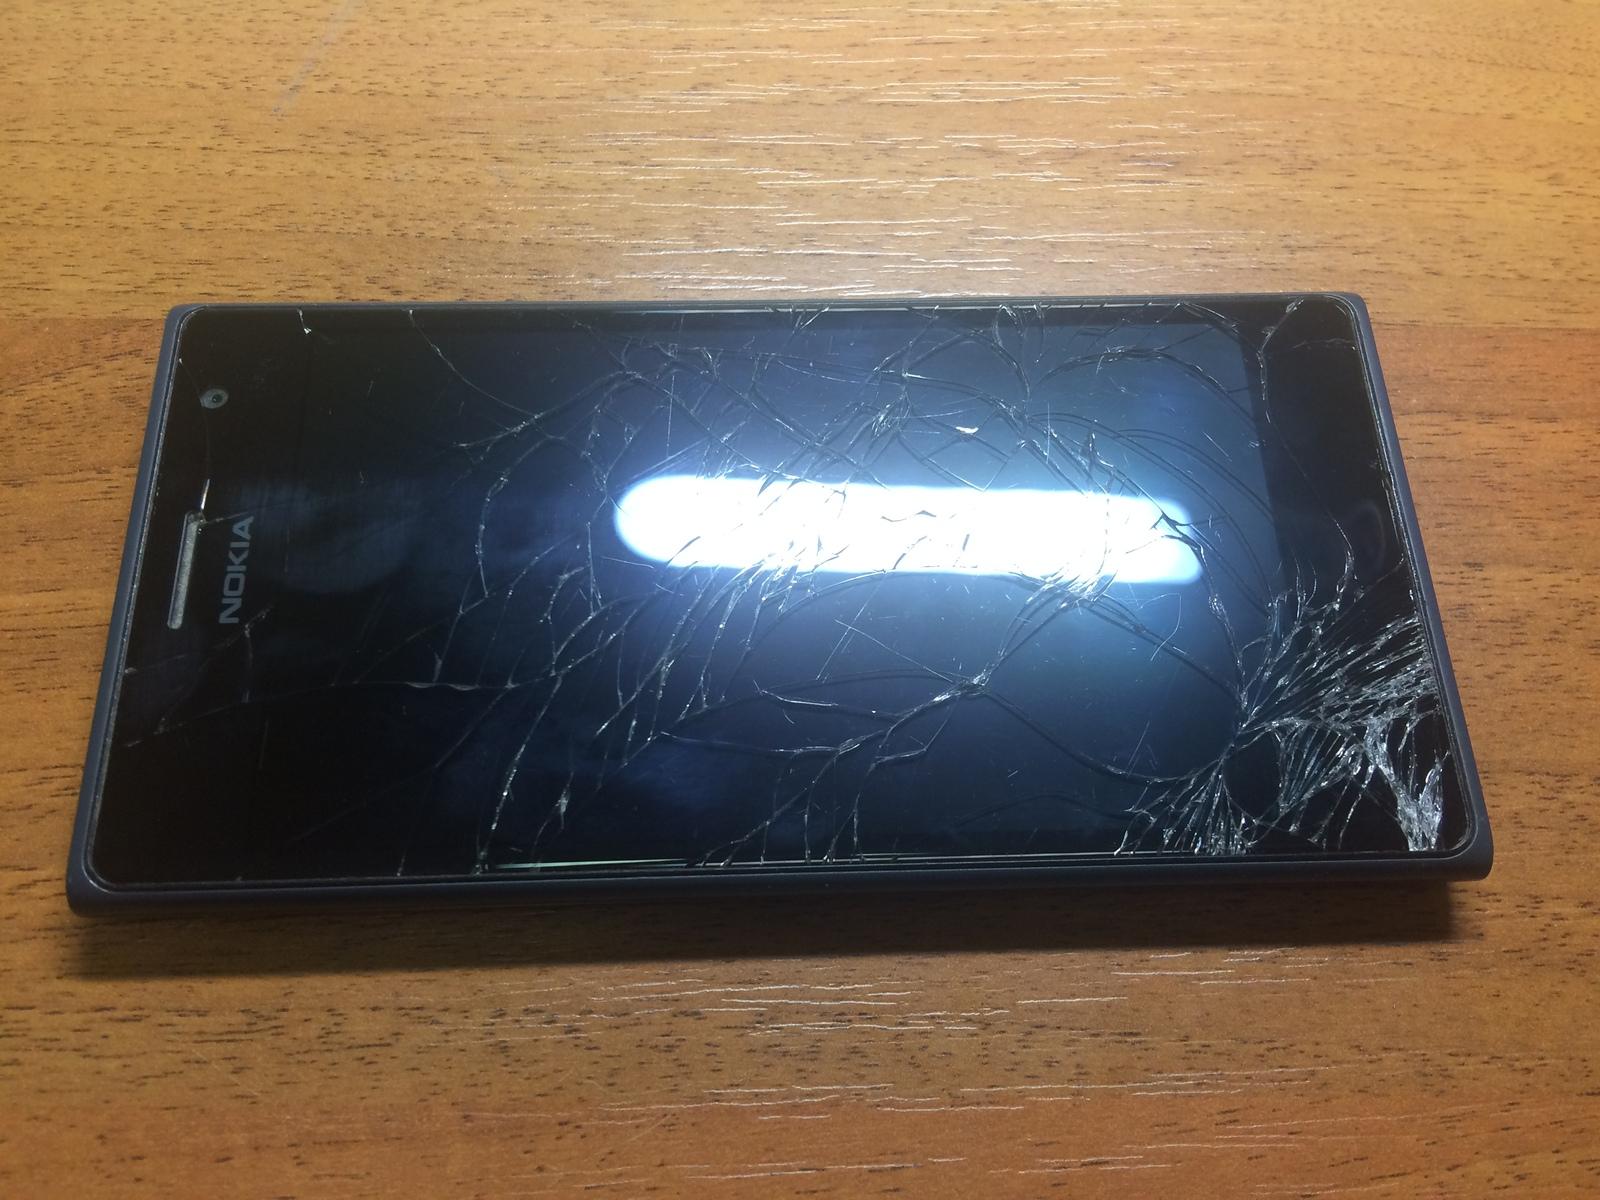 Замена стекла на телефоне нокиа 1020 - ремонт в Москве сервисный центр сотовых телефонов екатеринбург - ремонт в Москве